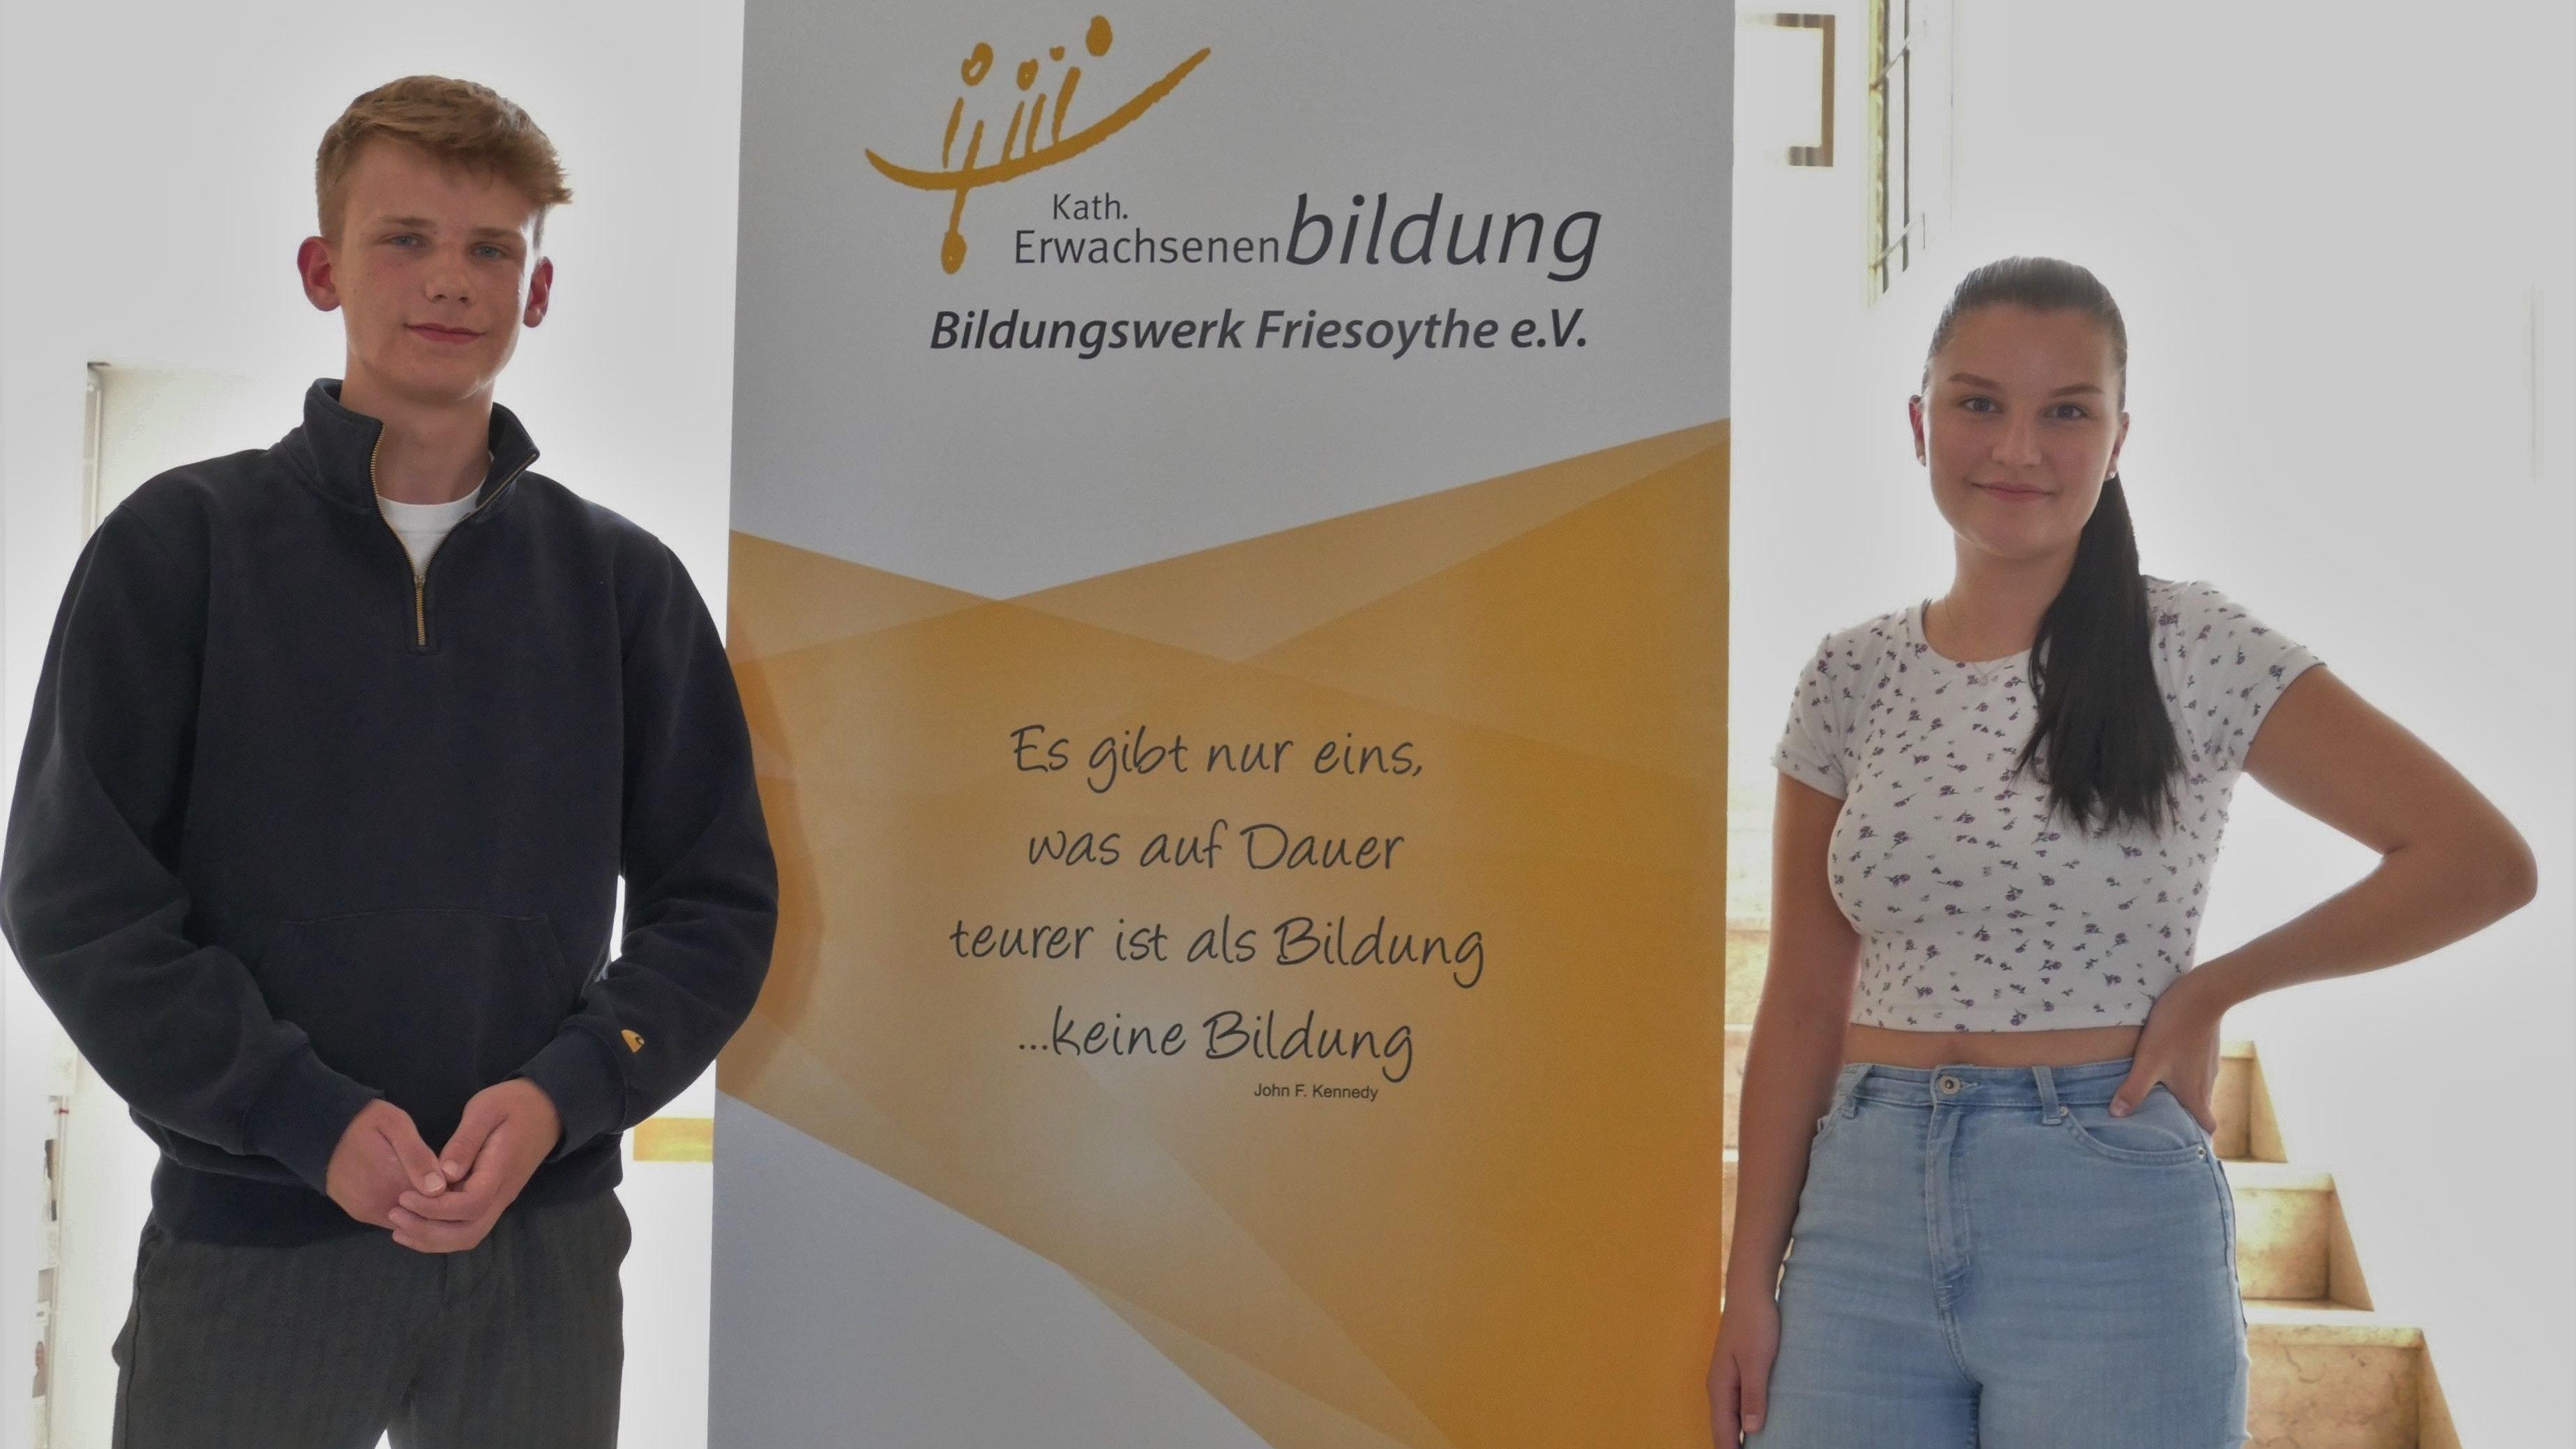 Malin Knelangen und Paul Lanwer organisieren gemeinsam mit Sönke Baumdick (nicht im Bild) eine Informationsreihe für junge Wählerinnen und Wähler zu den Kommunal- und Bundestagswahlen im September. Foto: Stix